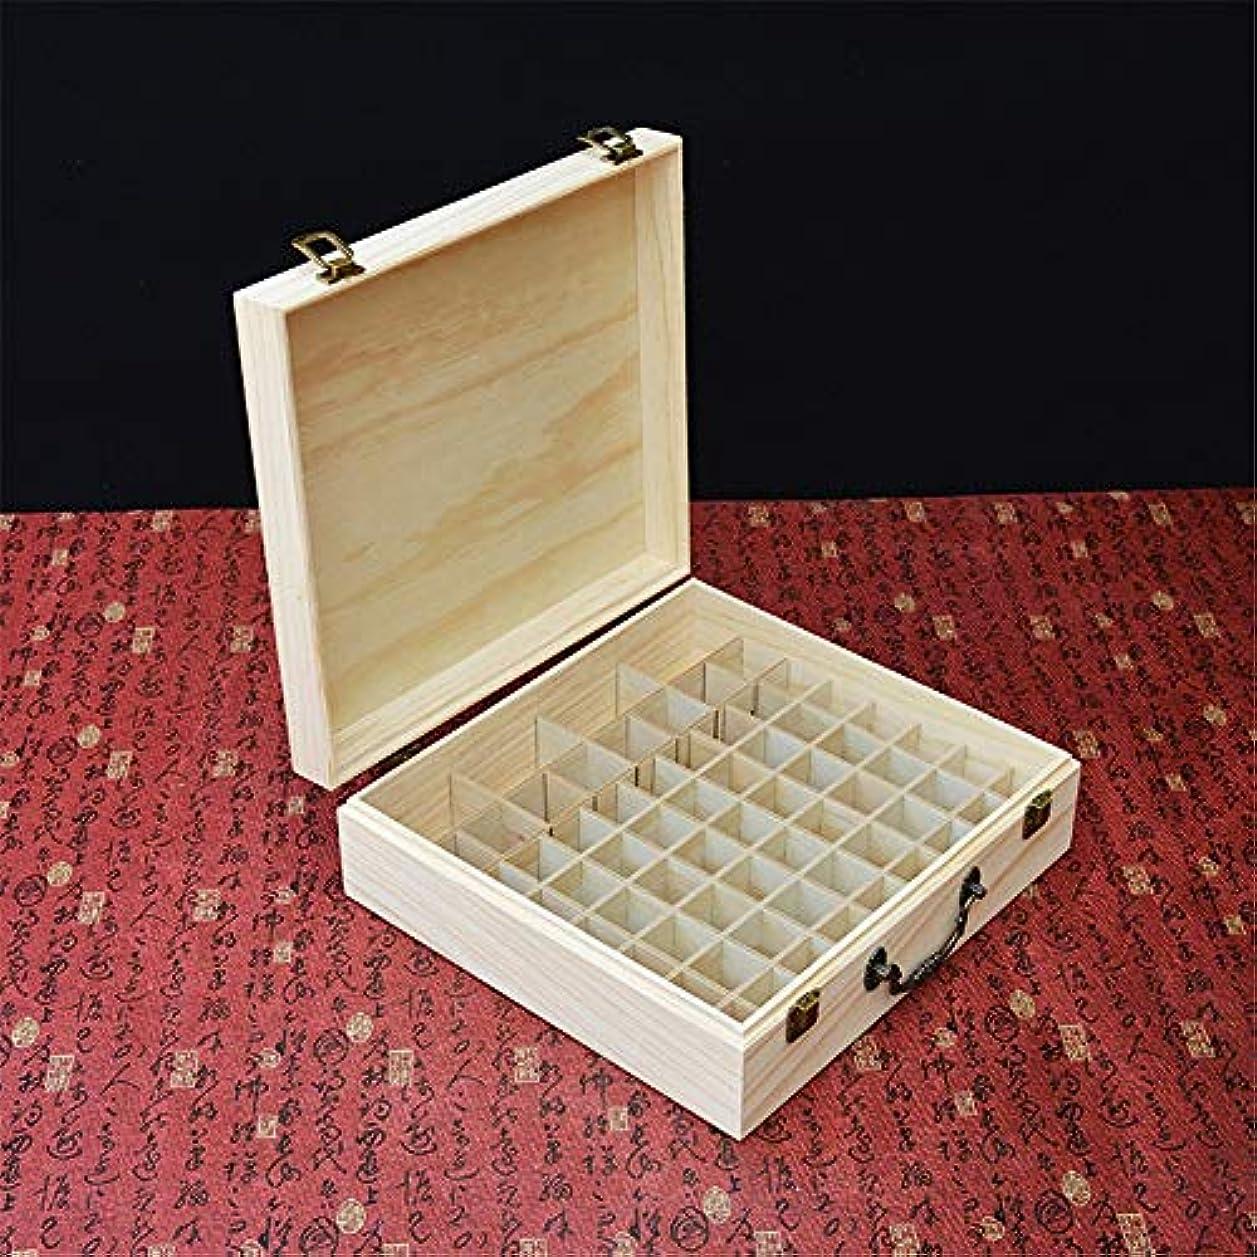 聡明再編成する論理的にエッセンシャルオイルの保管 旅行やプレゼンテーションのために66スロット木製エッセンシャルオイルストレージボックスパーフェクト (色 : Natural, サイズ : 31.5X29X10CM)